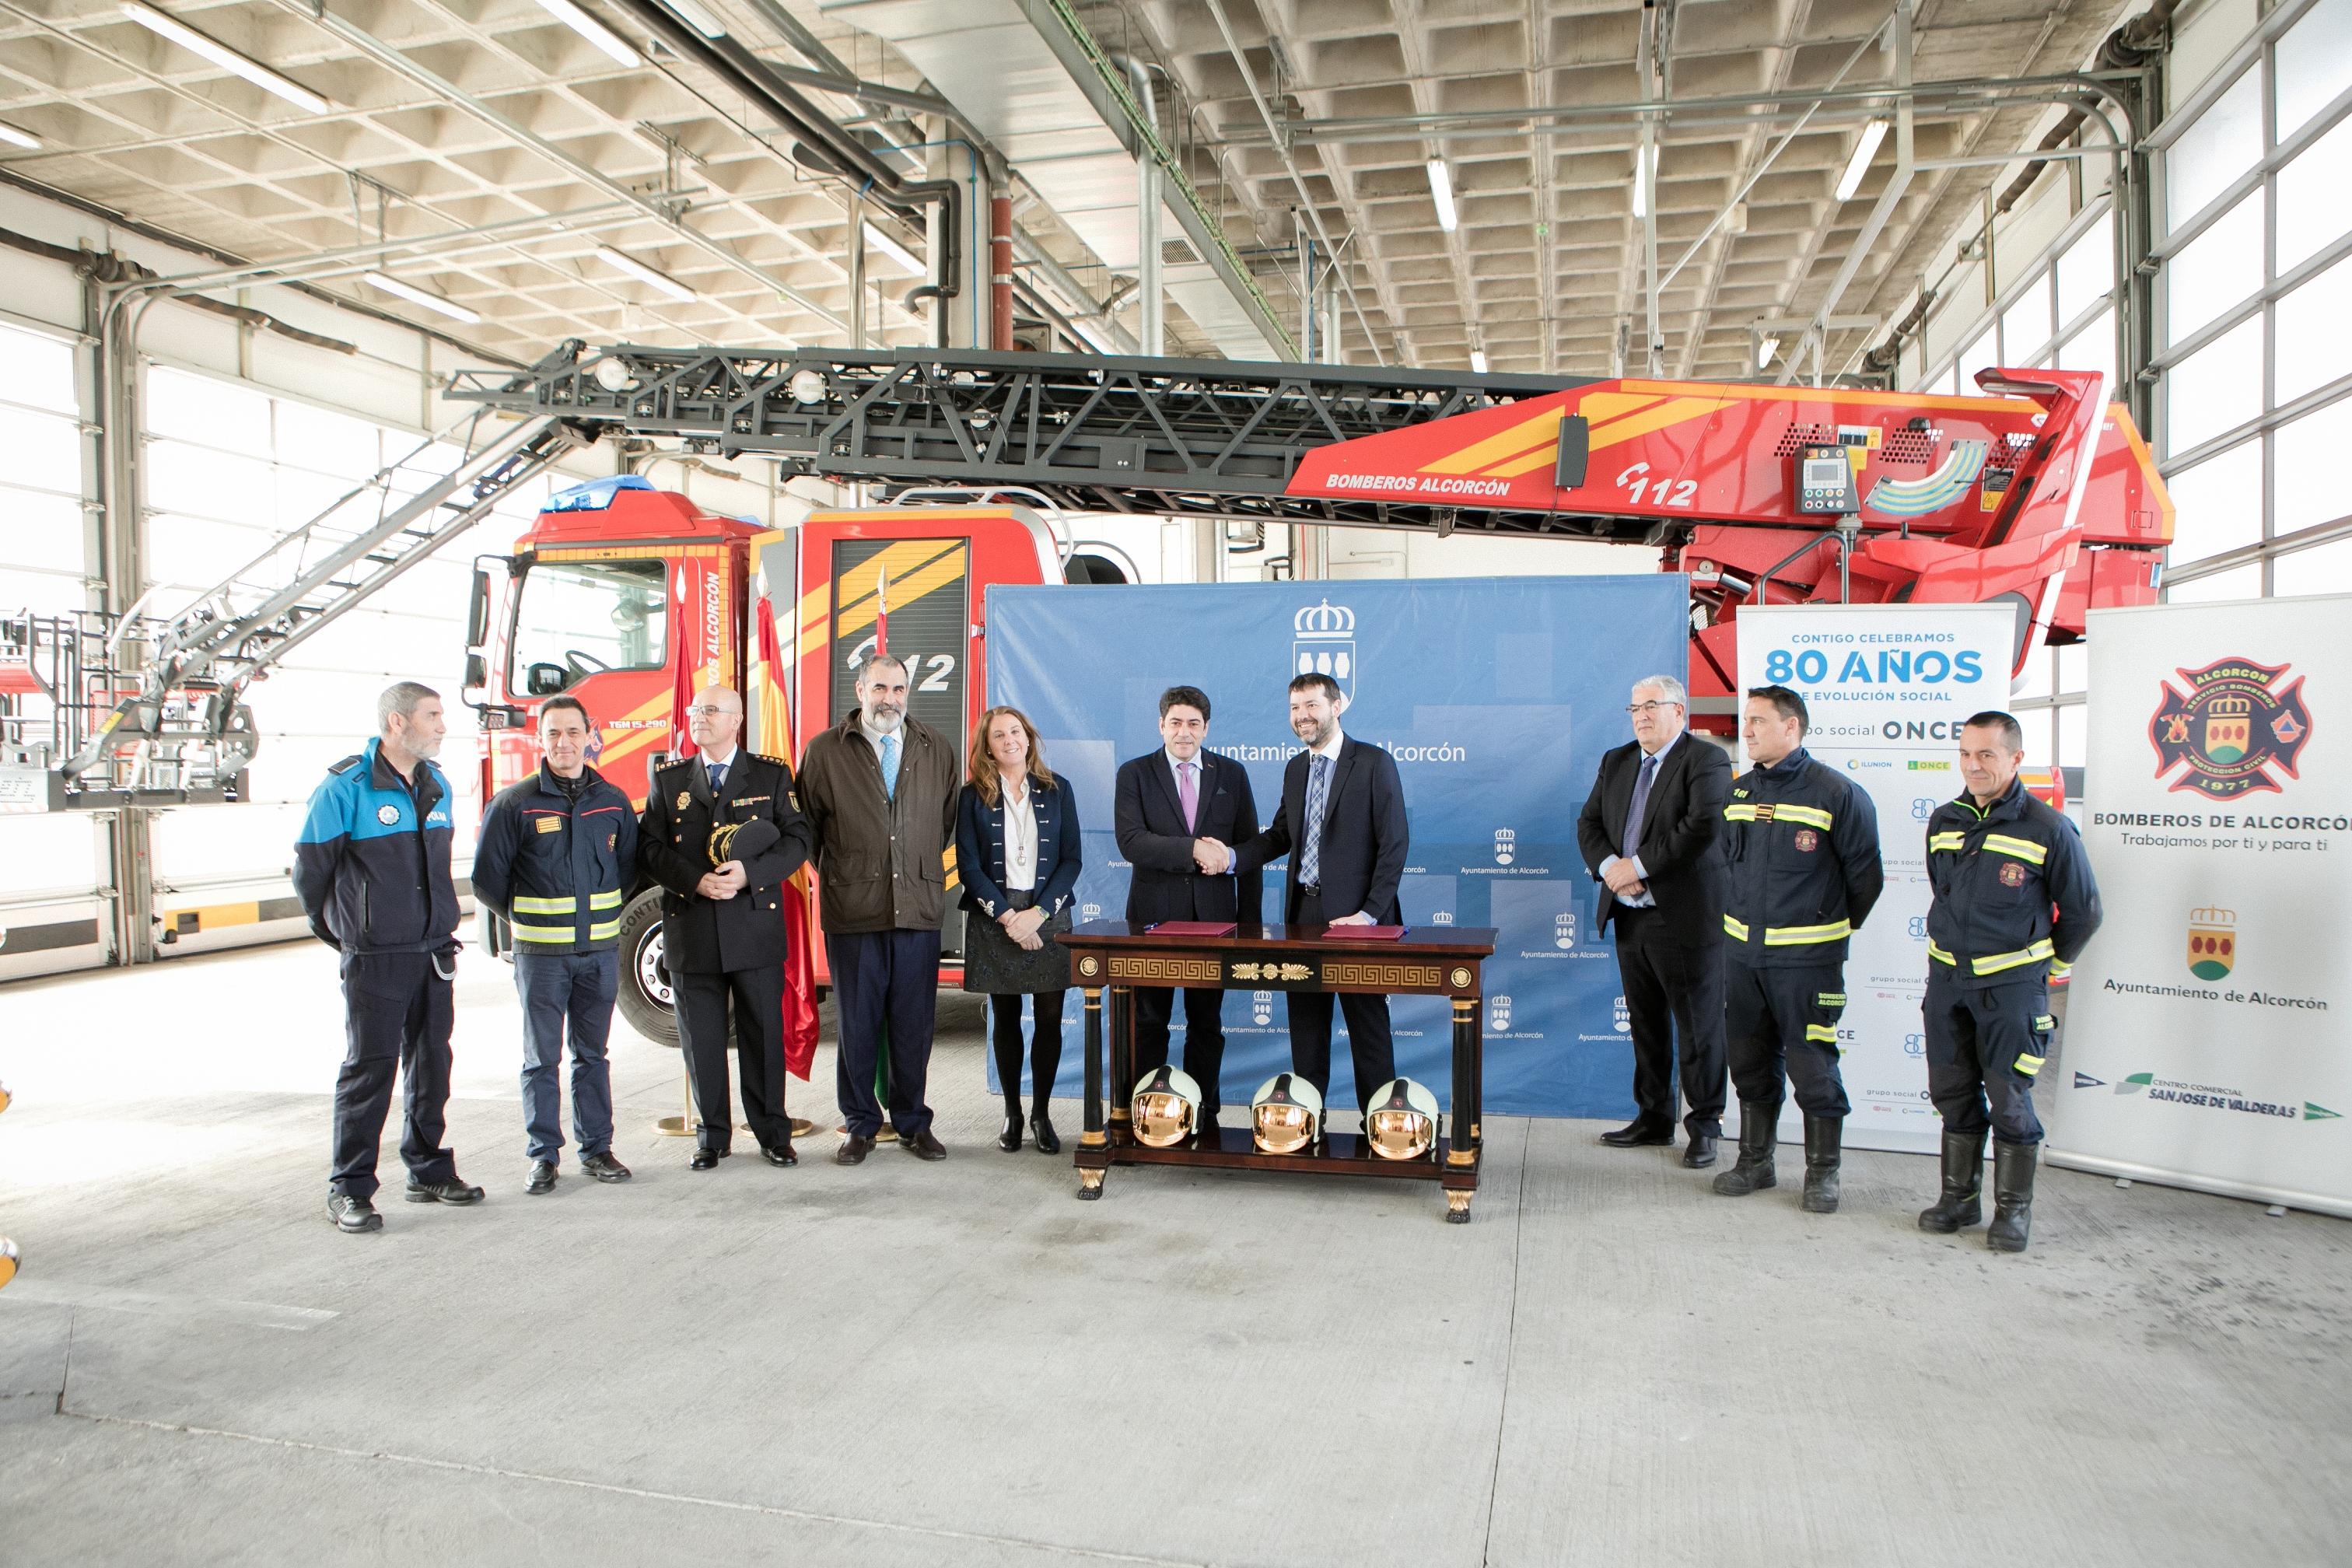 ILUNION Seguridad formará a los bomberos de Alcorcón